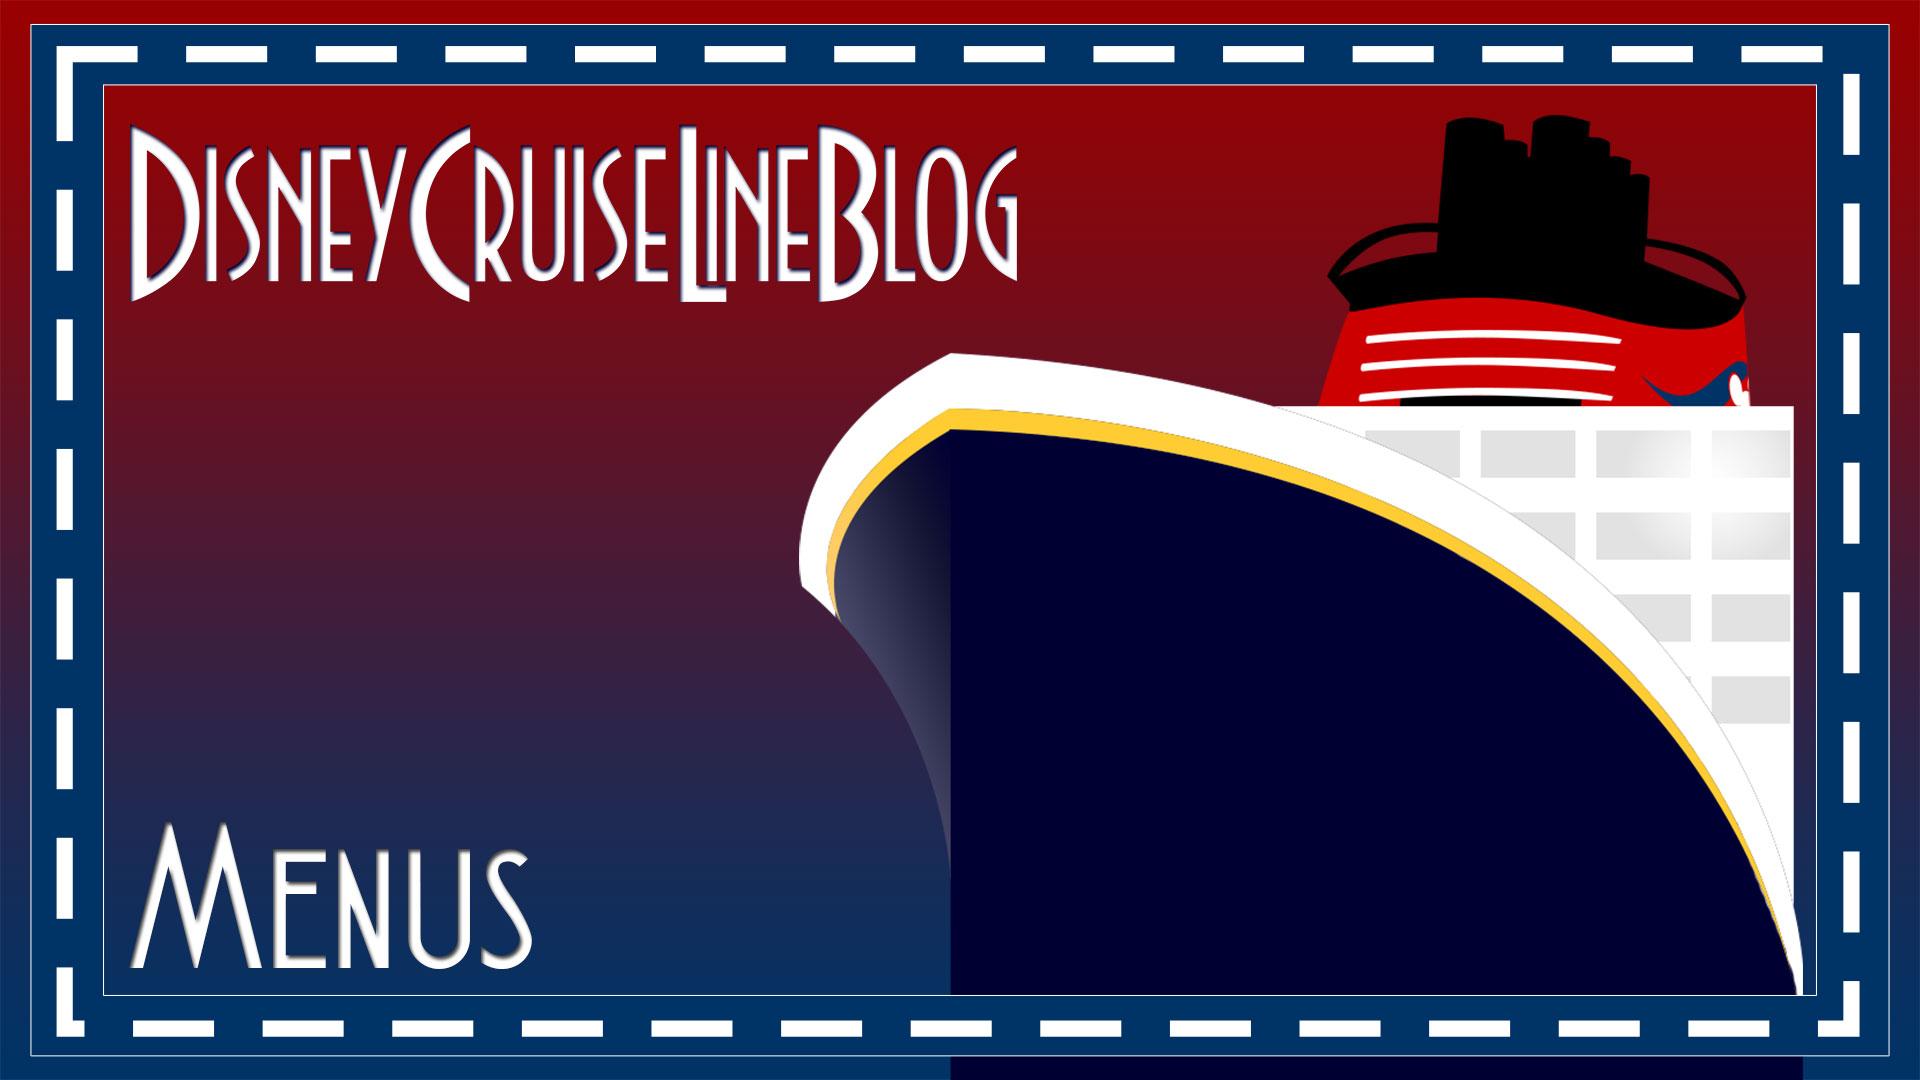 DCLBlog Menus